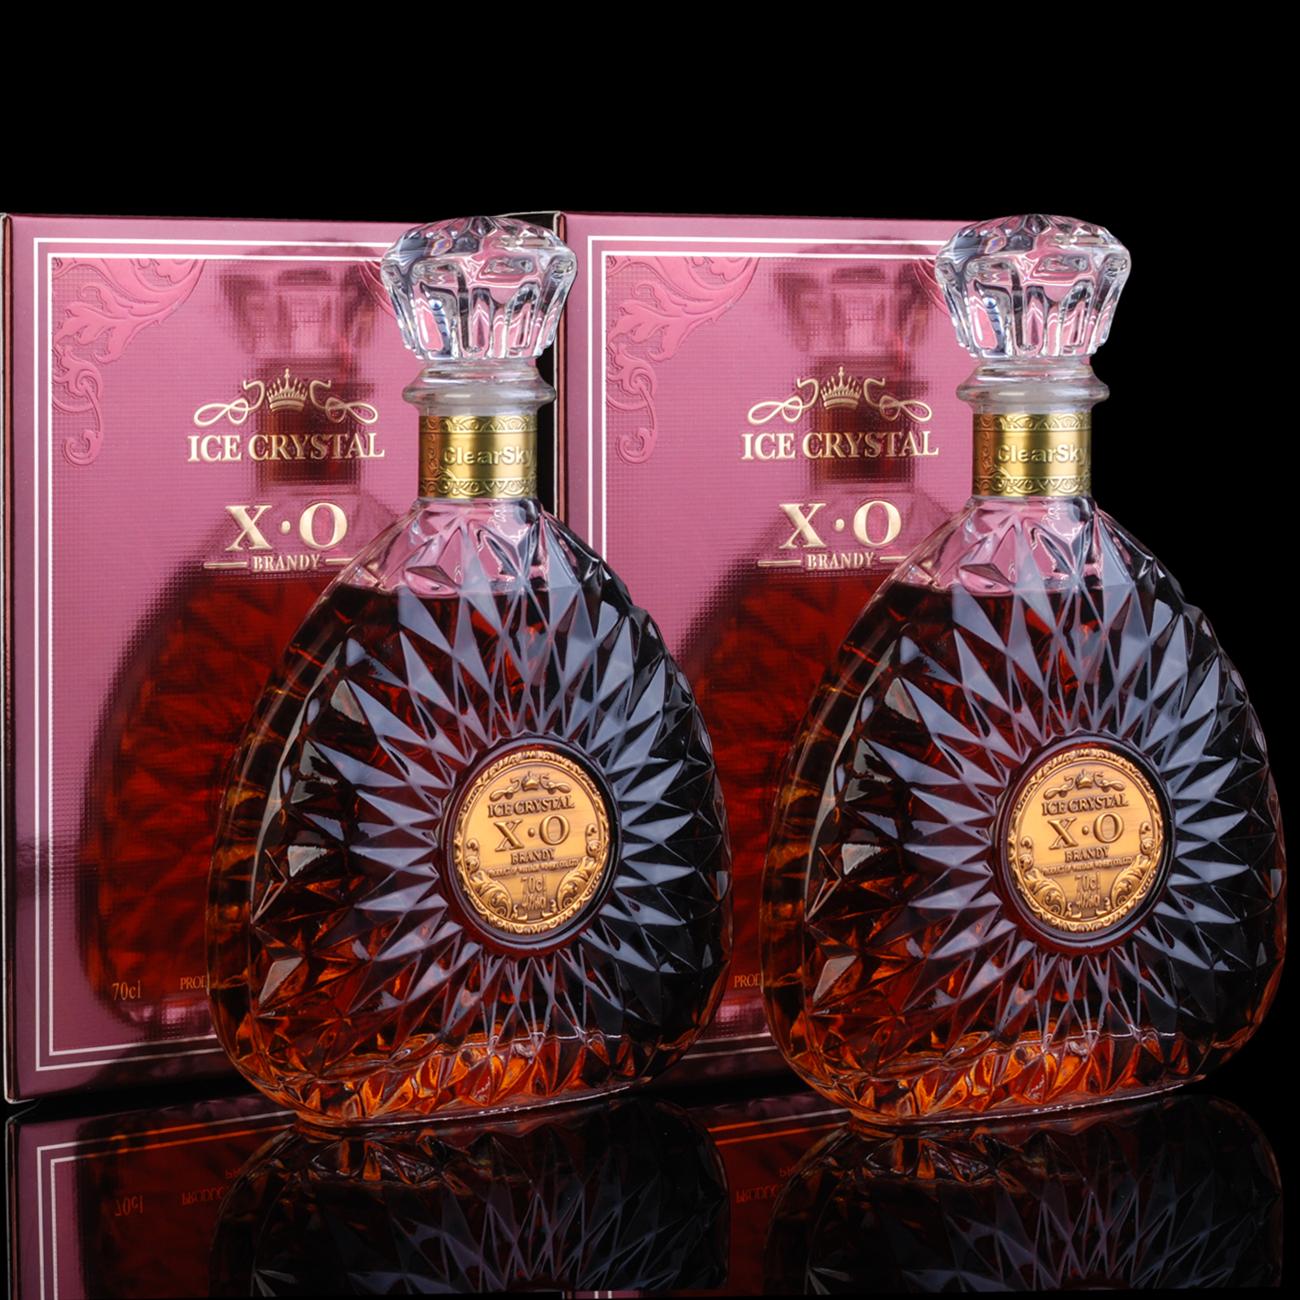 洋酒x.o 白兰地xo冰花 Brandy特价洋酒套装组合2瓶礼盒 爆款热卖